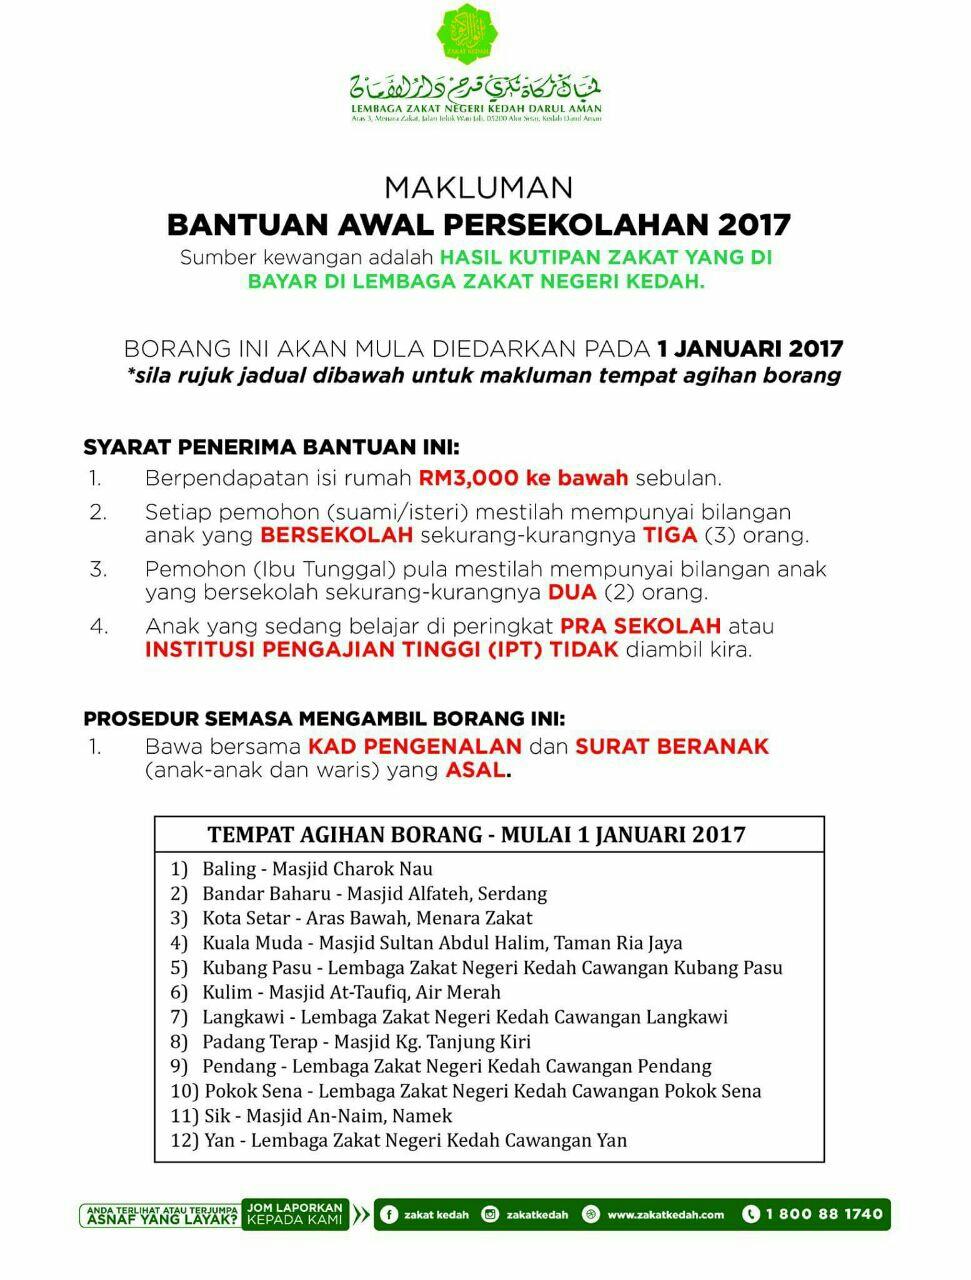 Sekolah Lembaga Zakat Negeri Kedah Red Pastel A